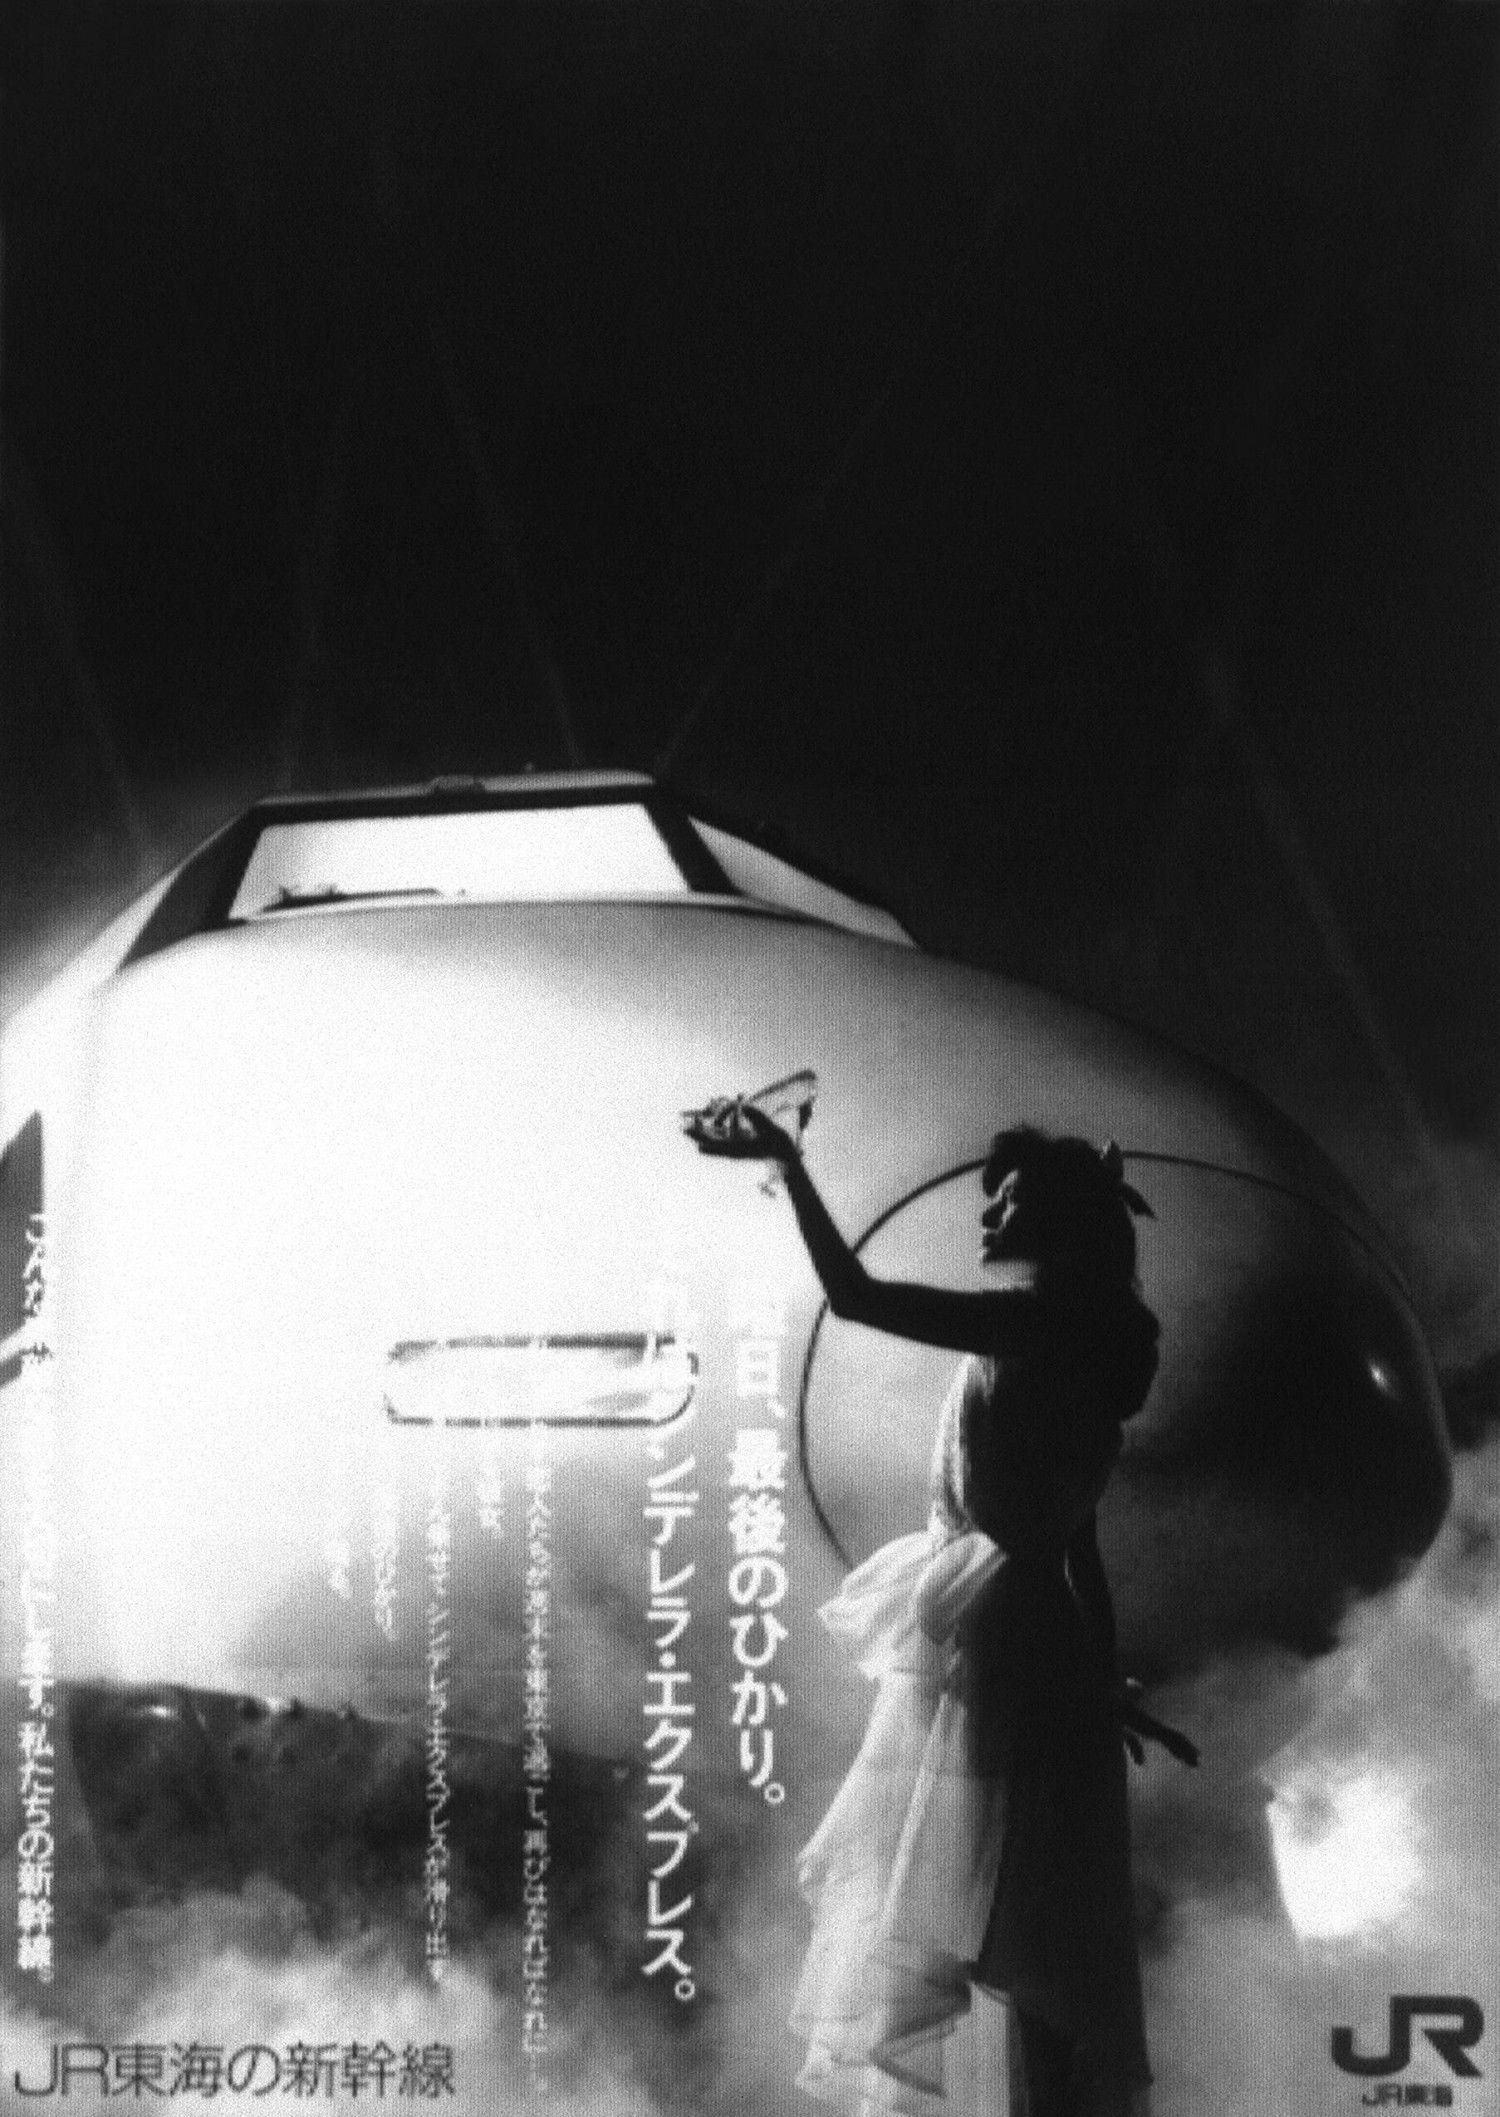 JR東海のキャンペーン「シンデレラ・エクスプレス」ポスター ©時事通信社